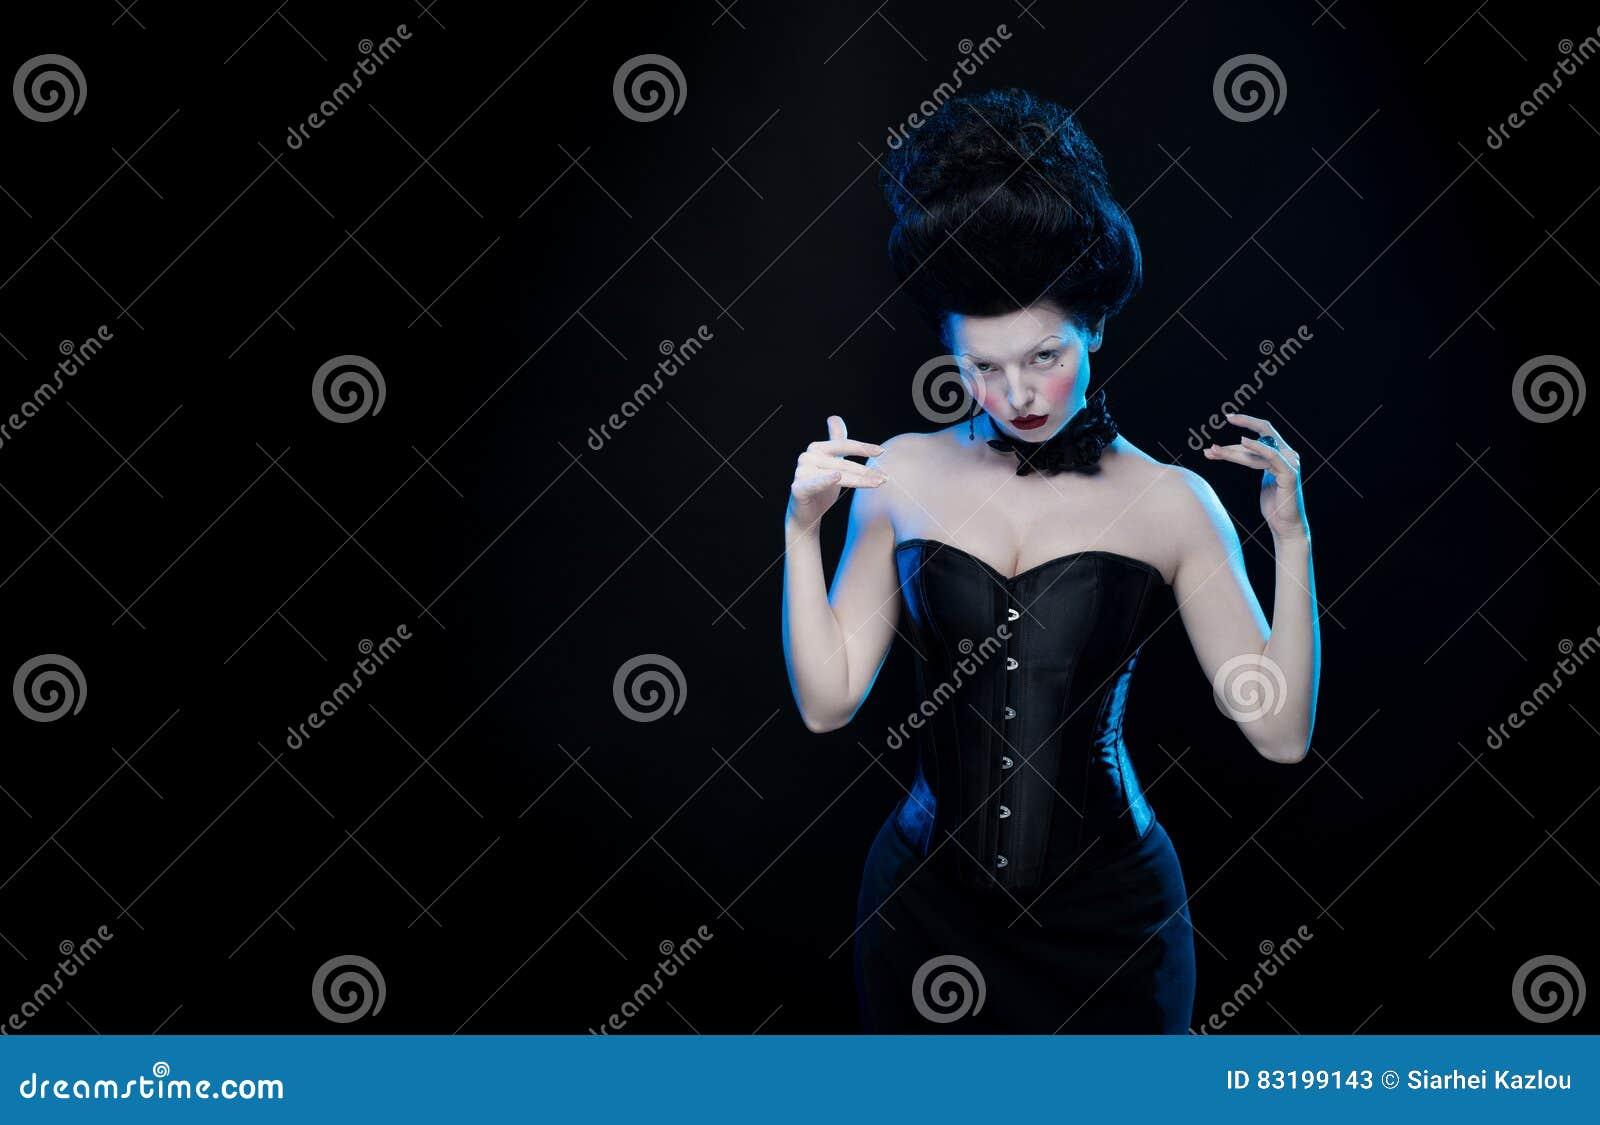 Actriz La Morena Ahogadores Pelo El De Con Retrato Alto Mujer w7IgBq1T